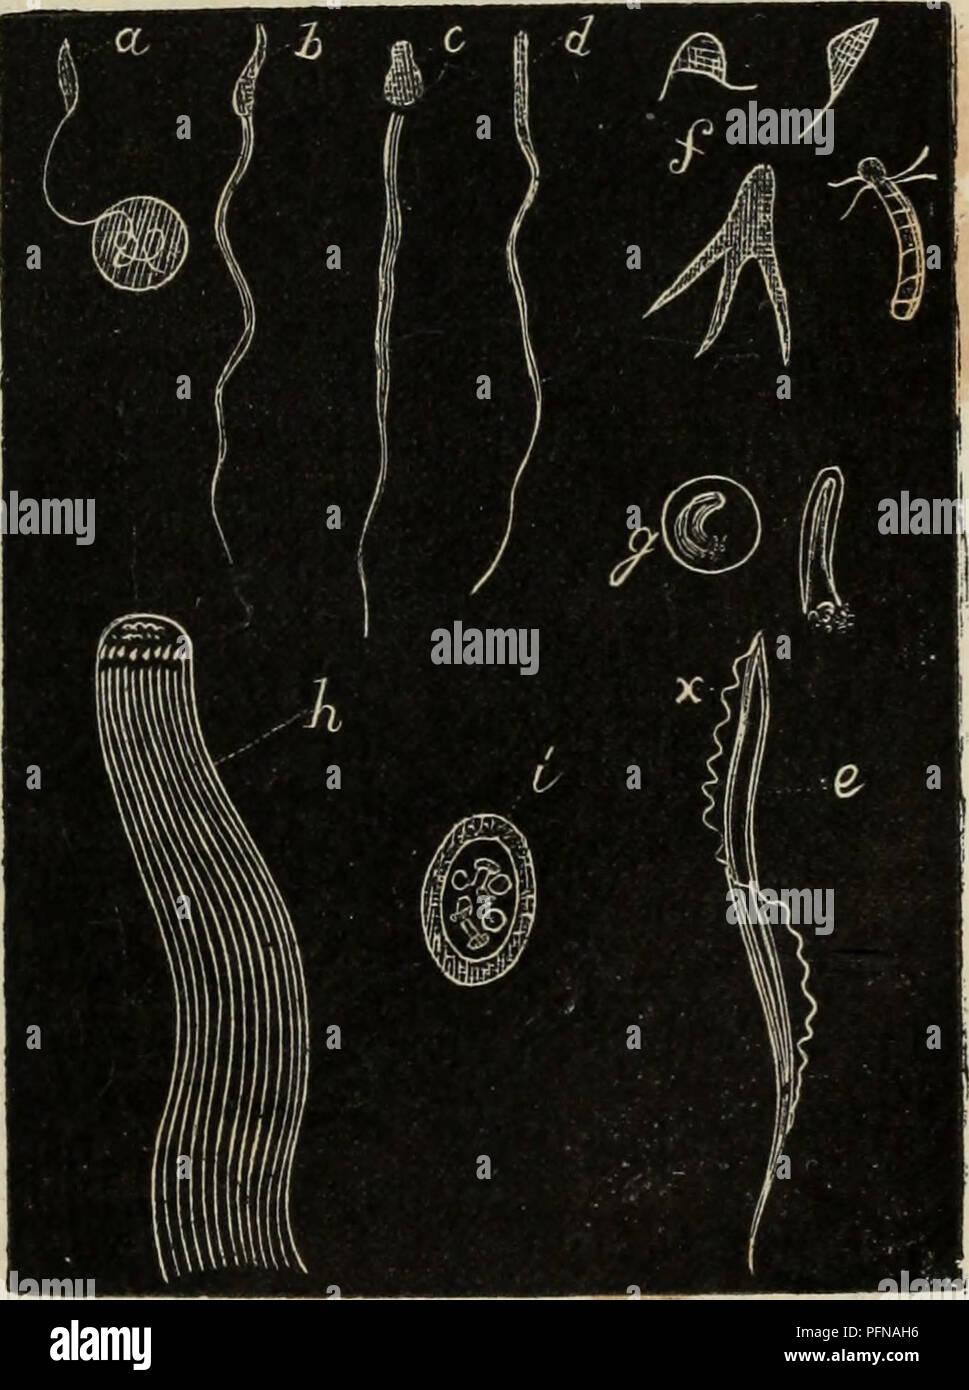 . Delle funzioni riproduttive degli animali en complemento all'edizione italiana del corso elementare di Zoologia del signor Milne Edwards. Animales - reproducción; la zoología. FINZIONI RIPRODUTTIVE. i 9 tura glandulosa, oh, quando uè sono prive, accade talvolta che anu porzione distinta del canal deferente que prenda- sta struttura, come si osserva ne' Cavalli. Il seme o sperma è un liquido denso più dell'acqua di aspetto lattiginoso, dal qual carattere is già può travedere ciò che vien confermato dall'osservarlo ad onu microscopio sufficiente ingrandimento col : cioè la sua composizione di Imagen De Stock